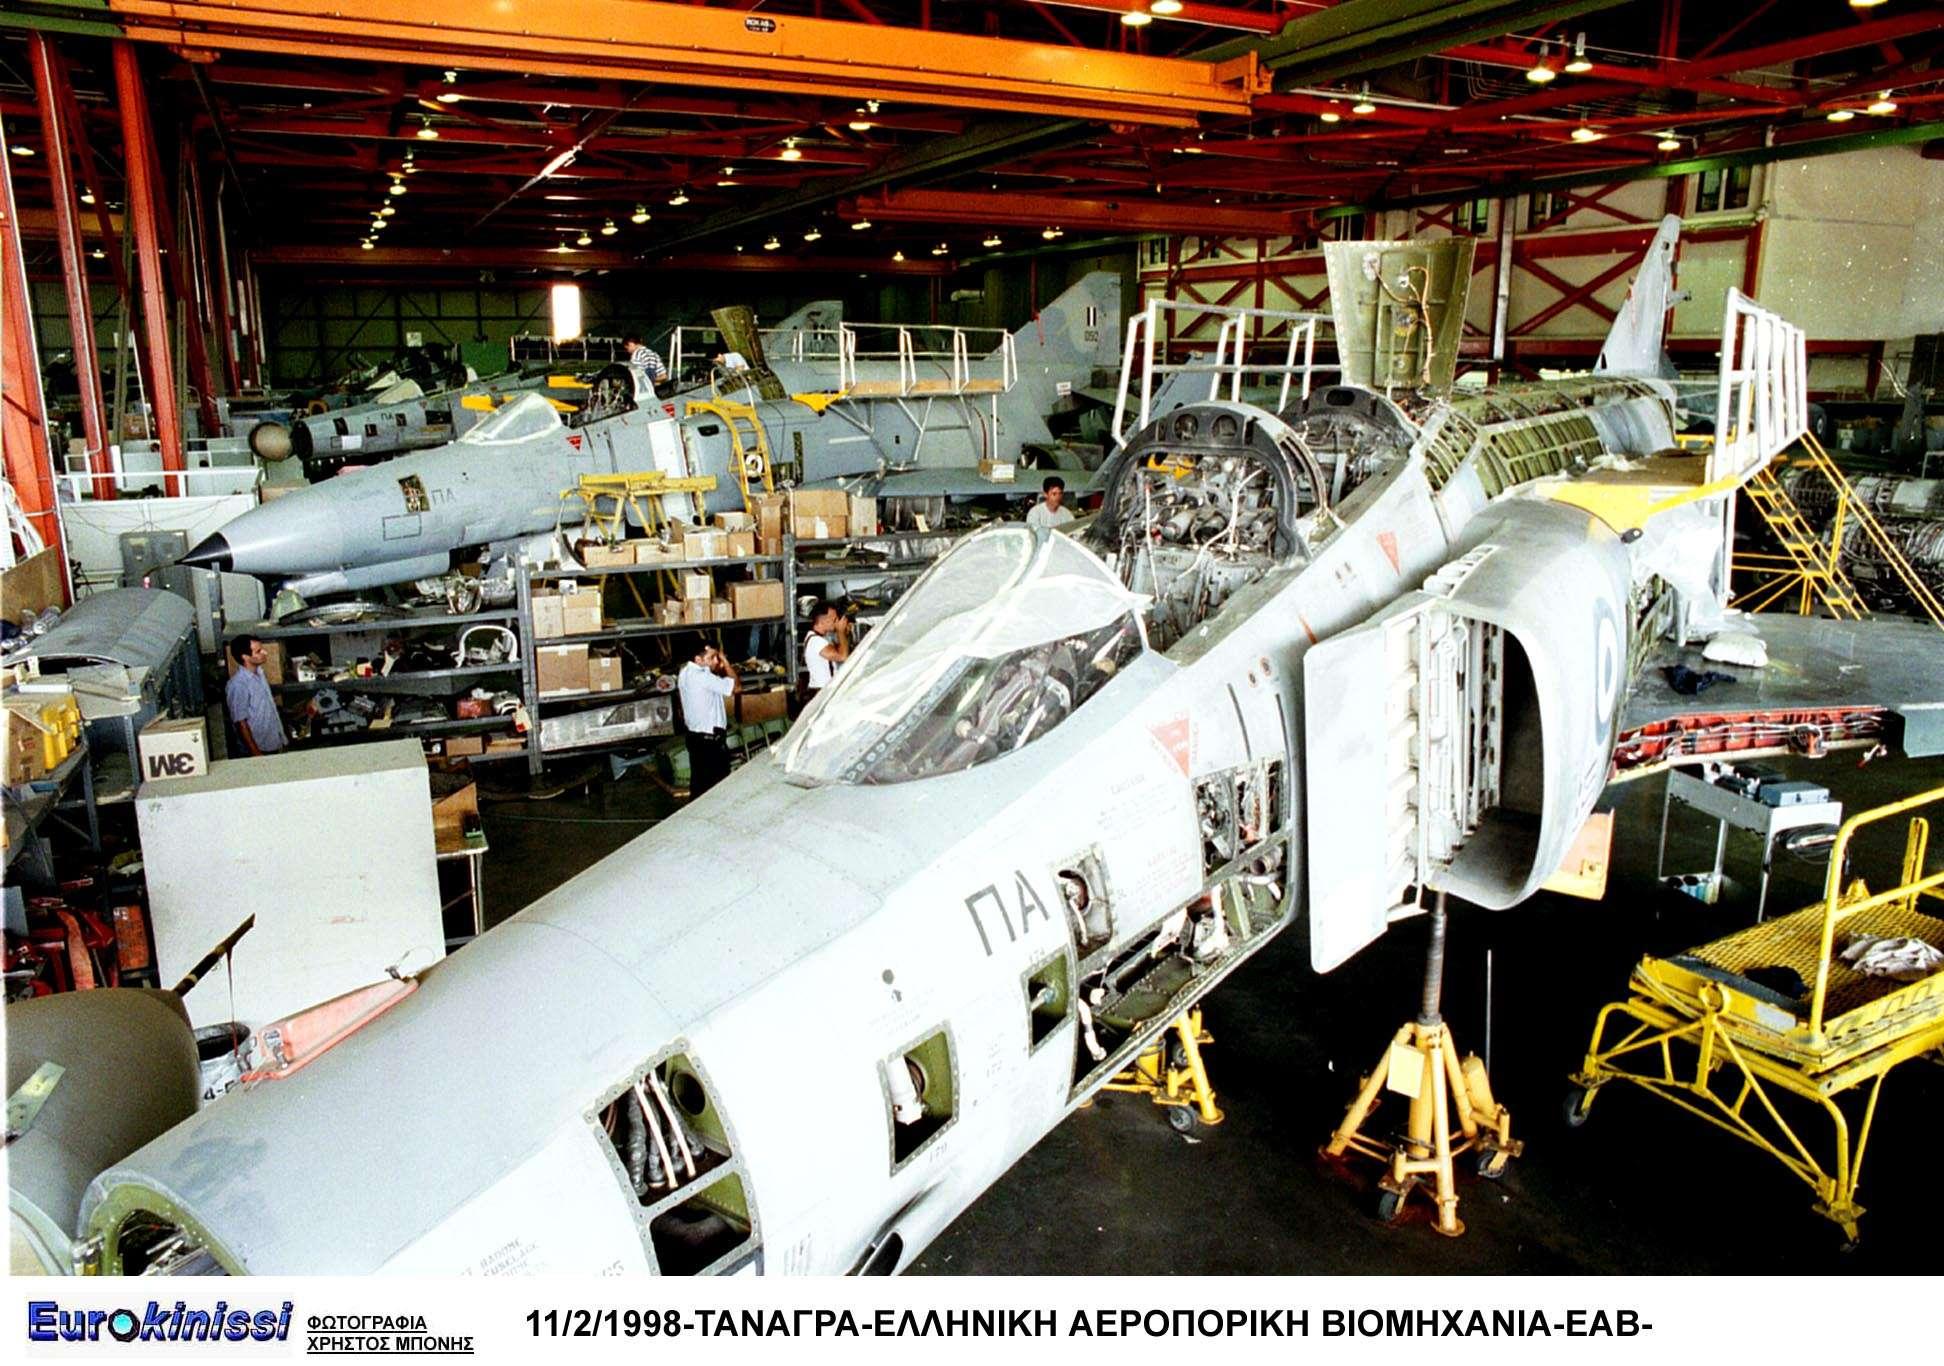 Η συντήρηση μαχητικών της Πολεμικής Αεροπορίας -κυρίως-, αλλά και συμμαχικών Αεροποριών, οι οποίες εμπιστεύονται απόλυτα το ποιοτικό αποτέλεσμα και πληρώνουν σε συνάλλαγμα, καθιστούν την ΕΑΒ σημαντική εξαγωγική δύναμη της Ελλάδας.